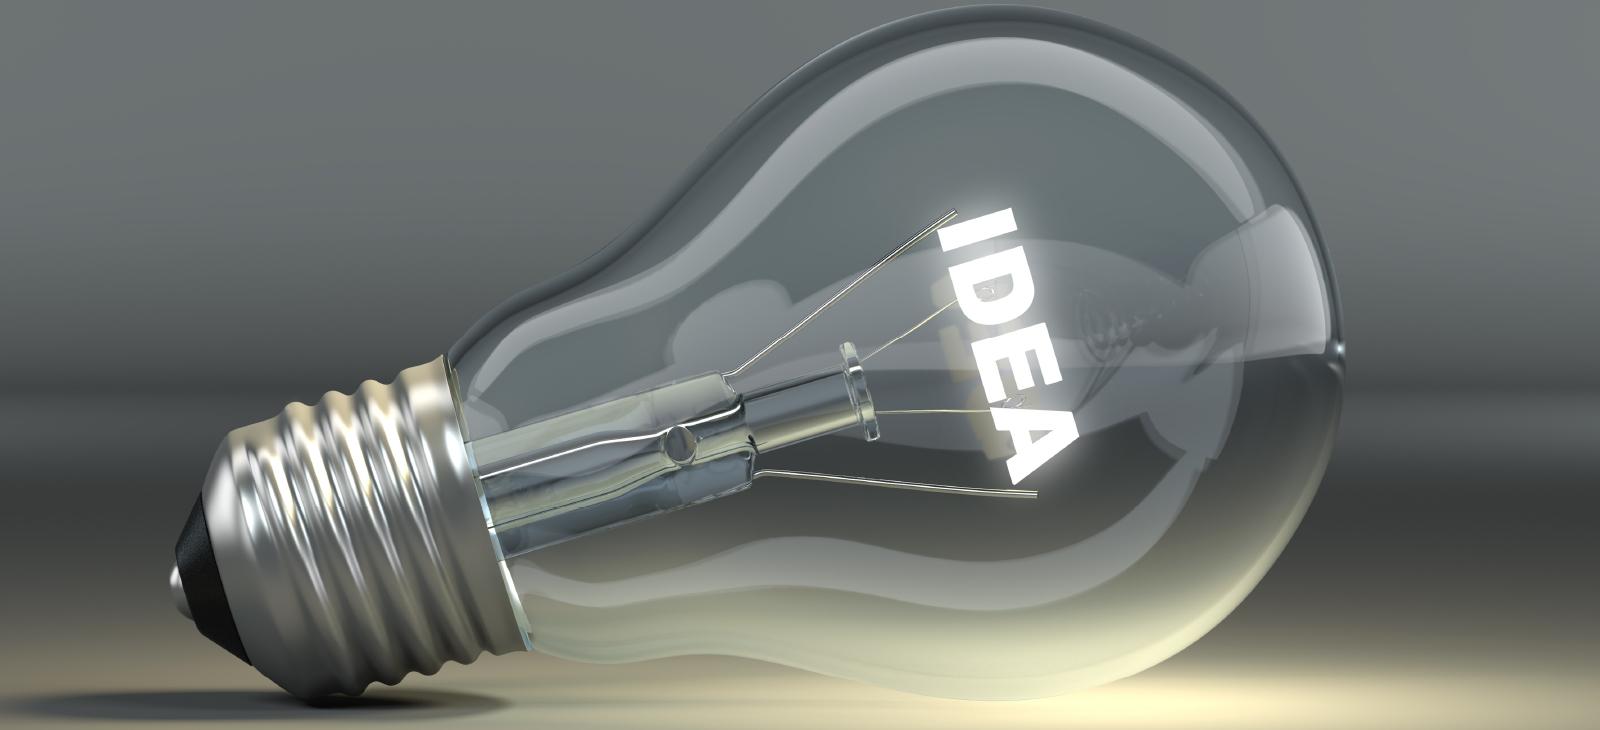 DIY - Design It Yourself Online!